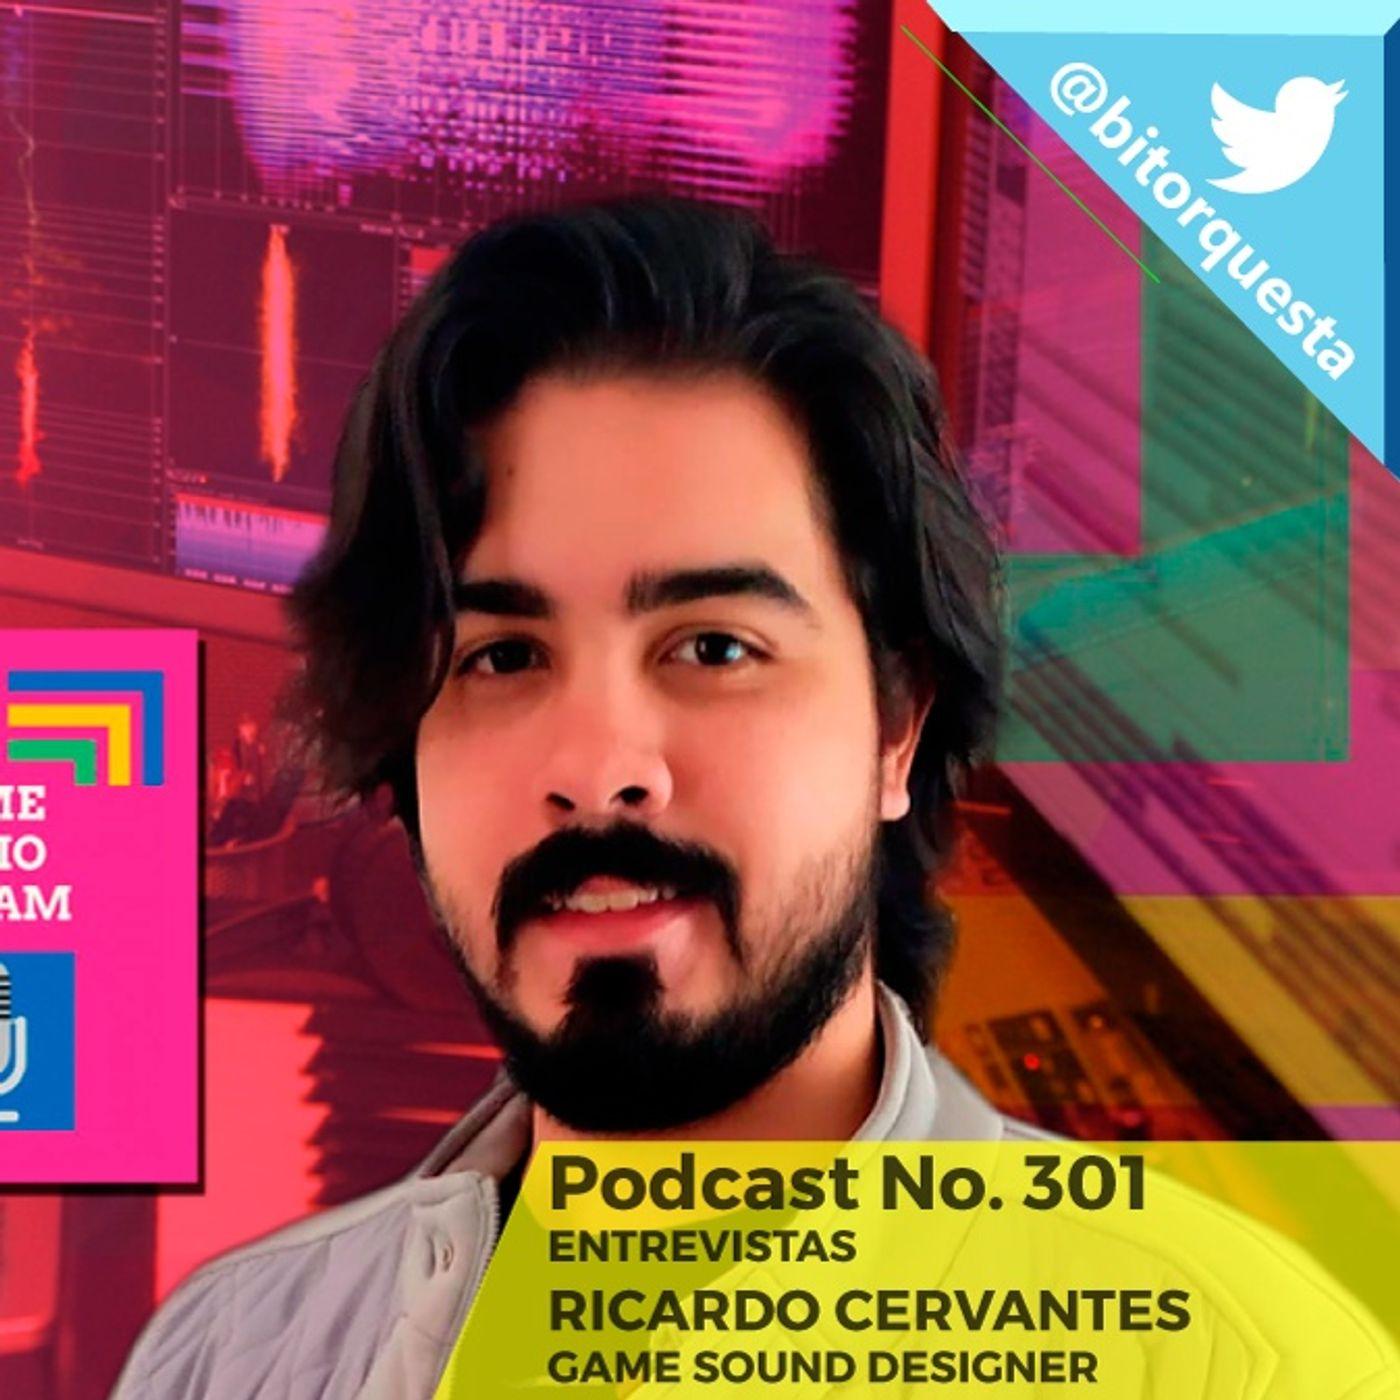 301 -  Entrevista Ricardo Cervantes, Game Sound Designer